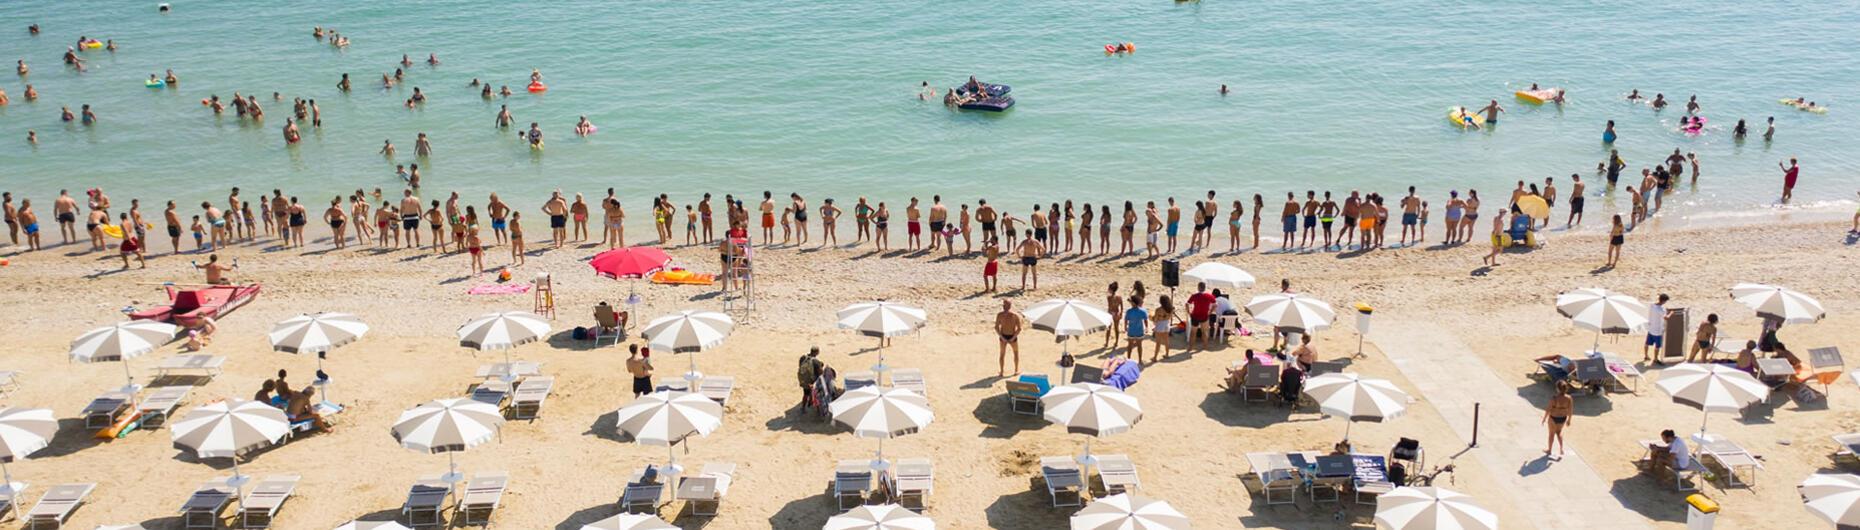 vacanzespinnaker en private-beach 005